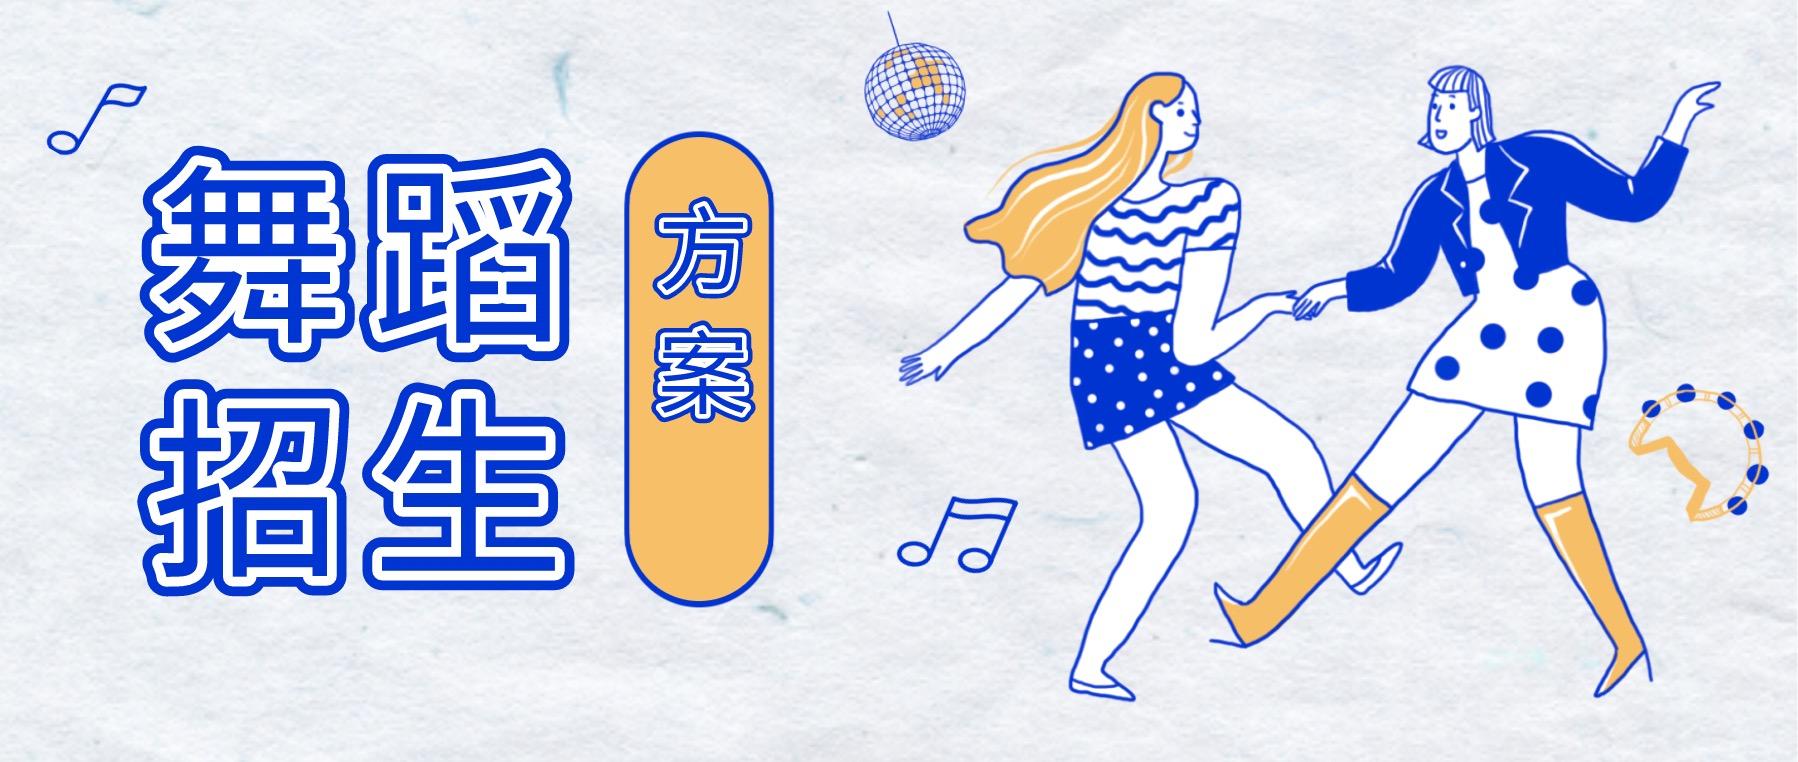 舞蹈培训招生方案下载合集 百度网盘